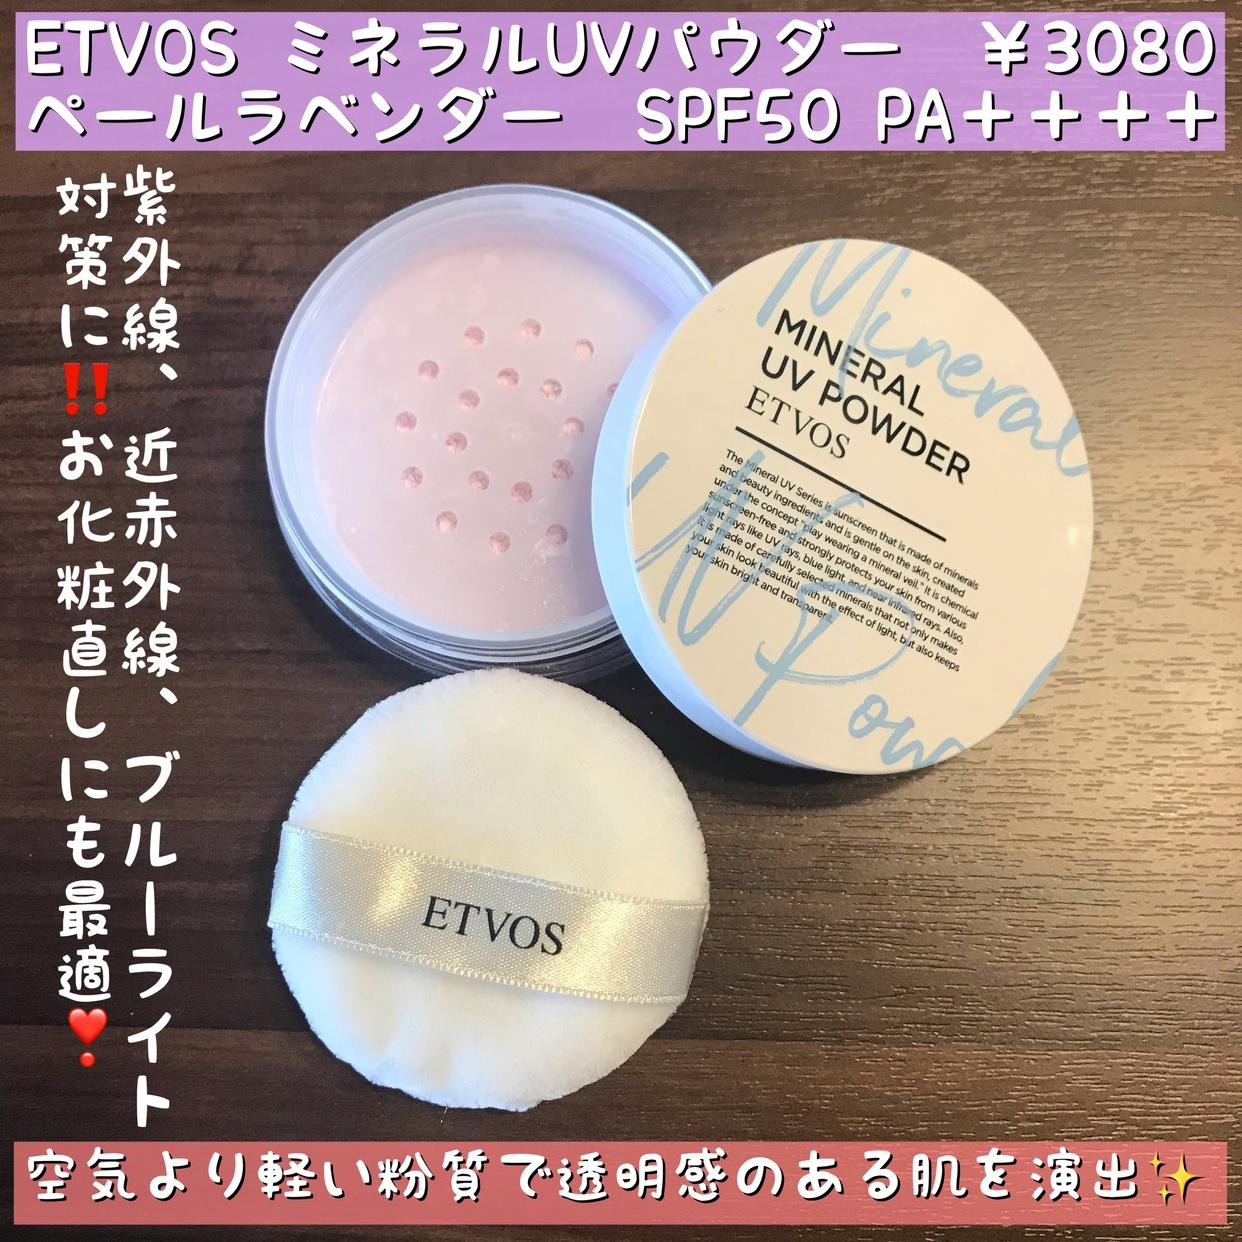 ETVOS(エトヴォス)ミネラルUVパウダーを使ったyuuuri_cosmeさんのクチコミ画像1